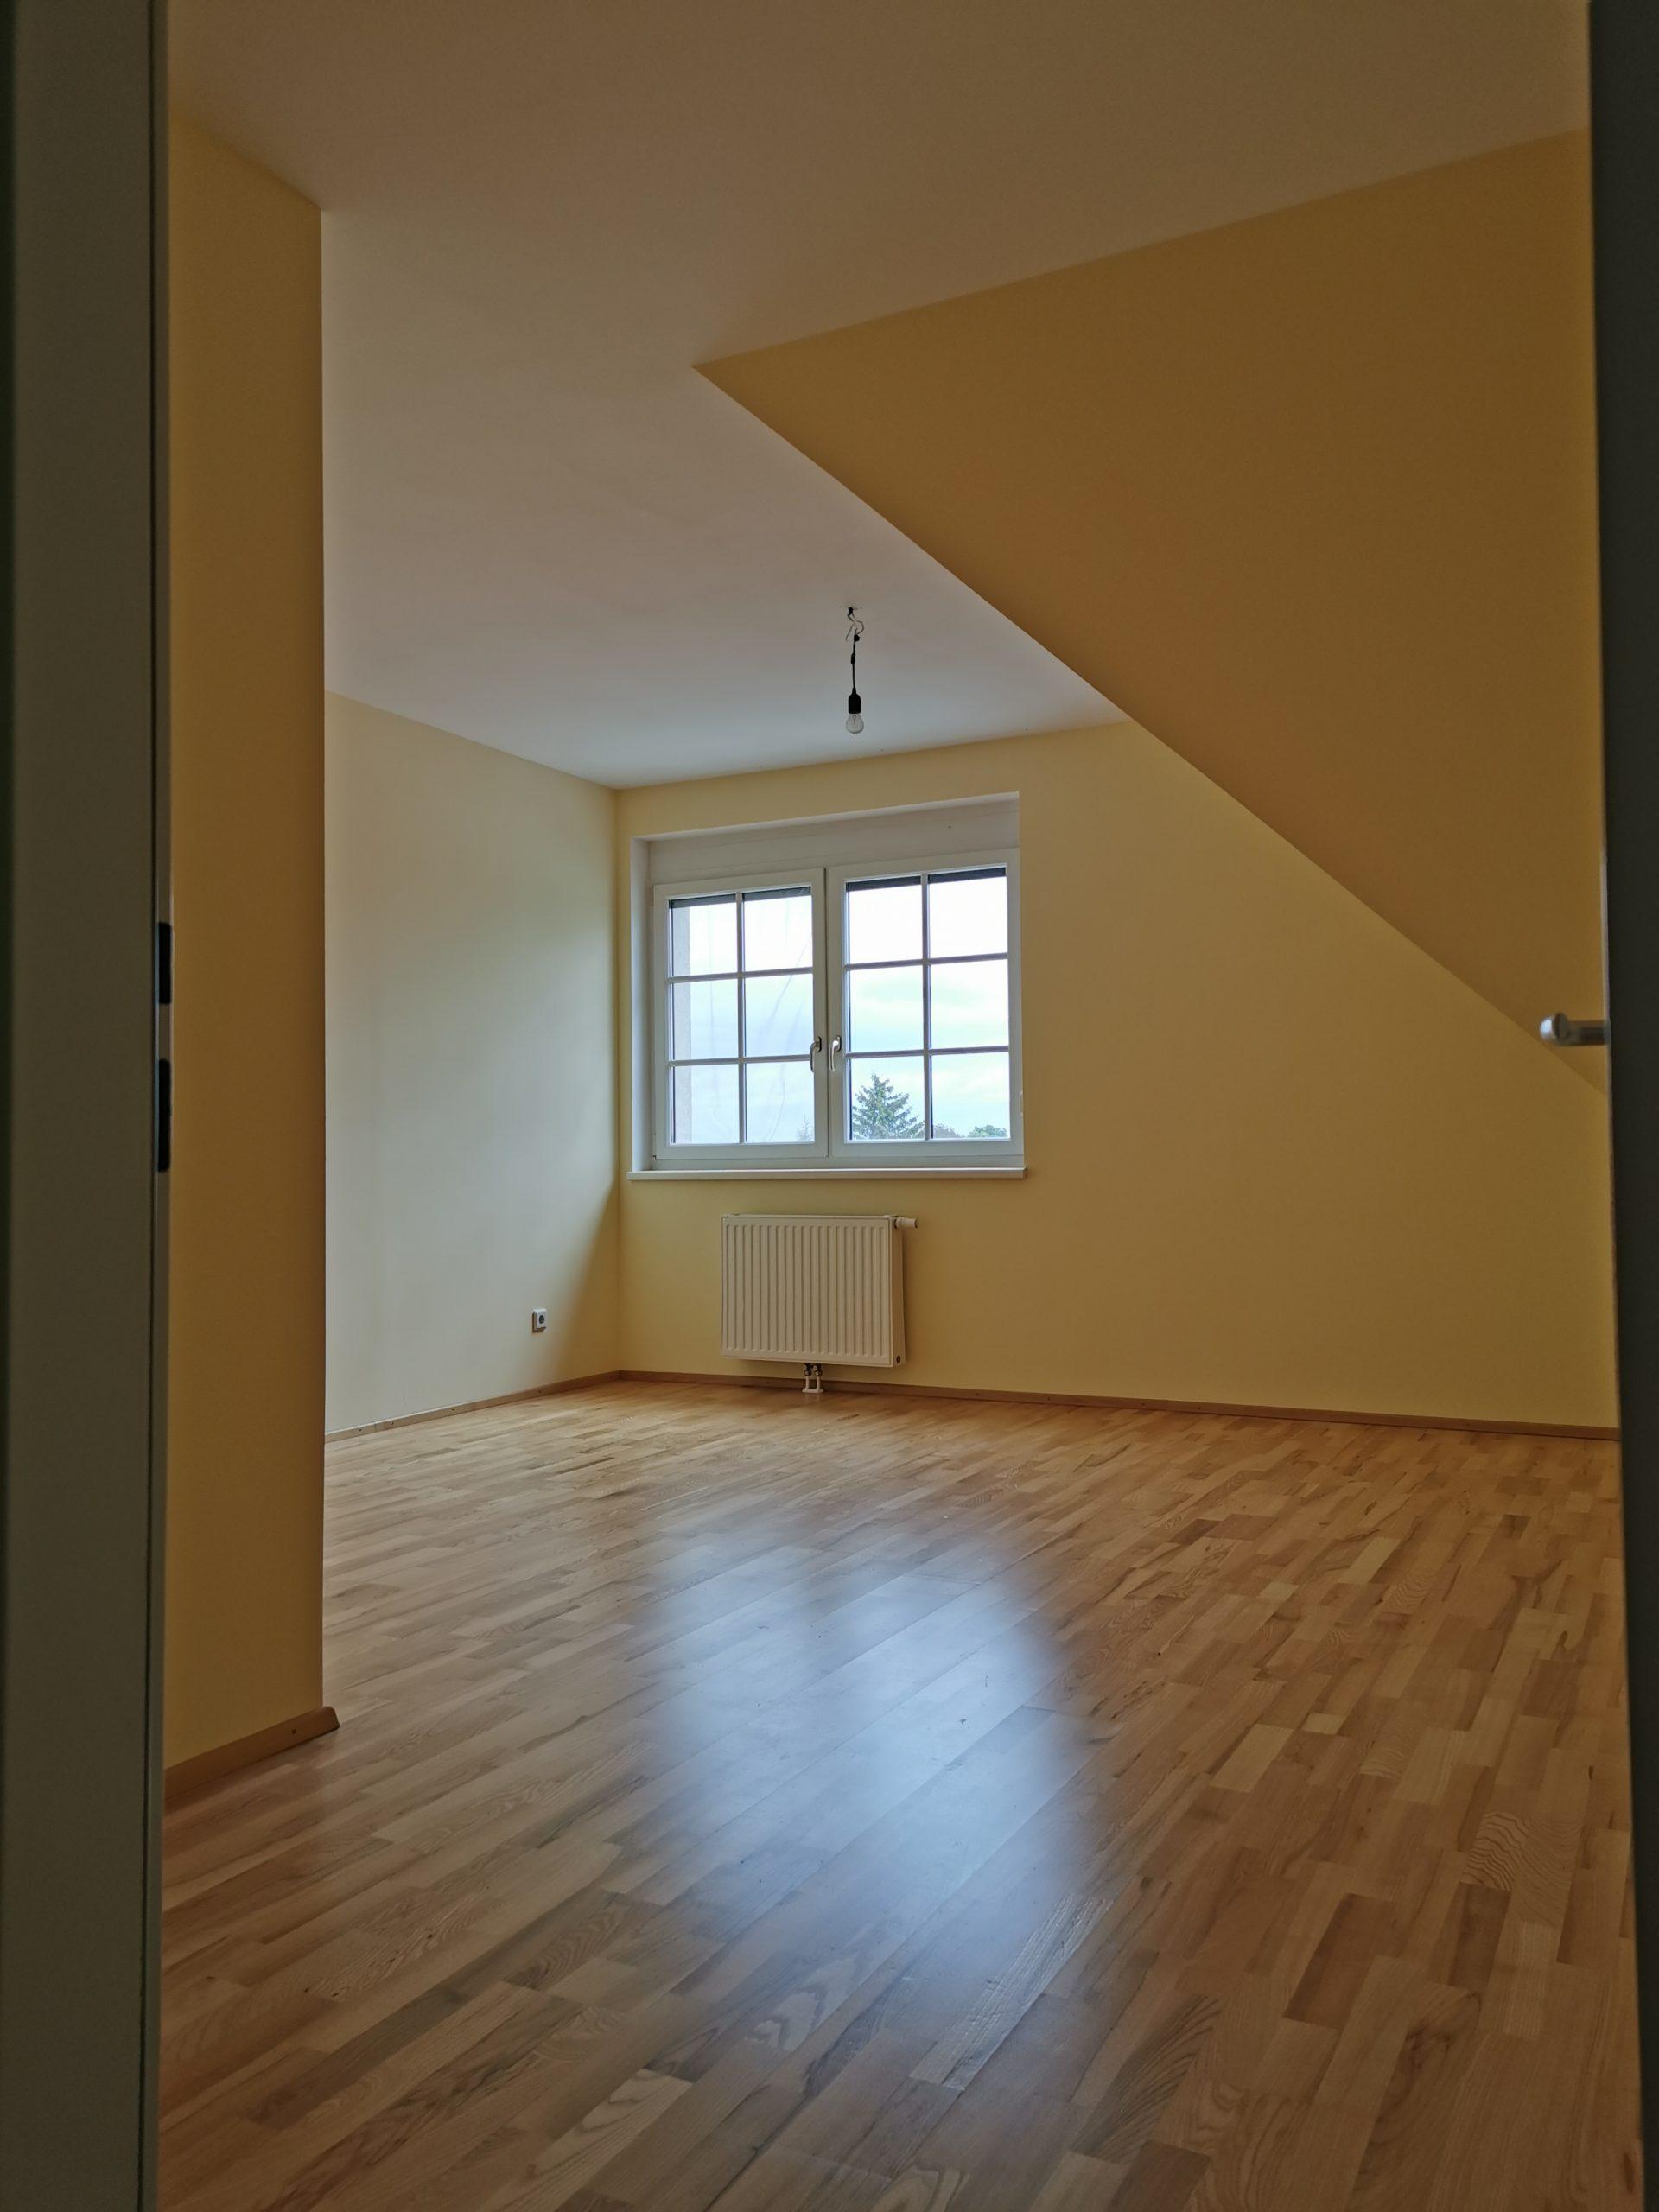 Immobilie von Kamptal in 2136 Laa an der Thaya, Mistelbach, Laa/ Thaya VII - Top 20 - Stadtplatz Nr. 61 #2